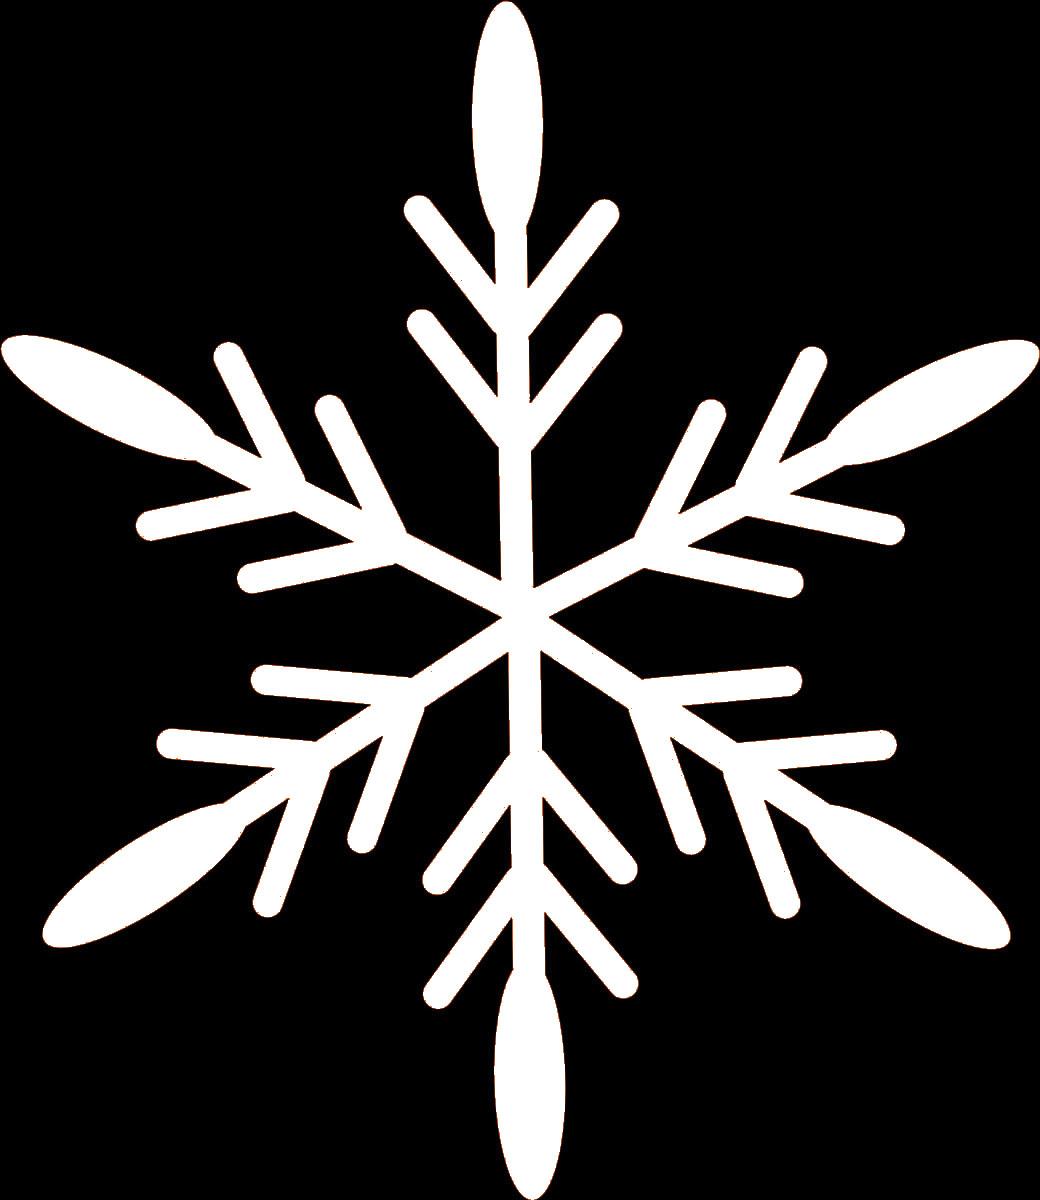 Наклейка автомобильная Оранжевый слоник Снежинка 6, виниловая, цвет: белый150NG00014WОригинальная наклейка Оранжевый слоник Снежинка 6 изготовлена из высококачественной виниловой пленки, которая выполняет не только декоративную функцию, но и защищает кузов автомобиля от небольших механических повреждений, либо скрывает уже существующие. Виниловые наклейки на автомобиль - это не только красиво, но еще и быстро! Всего за несколько минут вы можете полностью преобразить свой автомобиль, сделать его ярким, необычным, особенным и неповторимым!